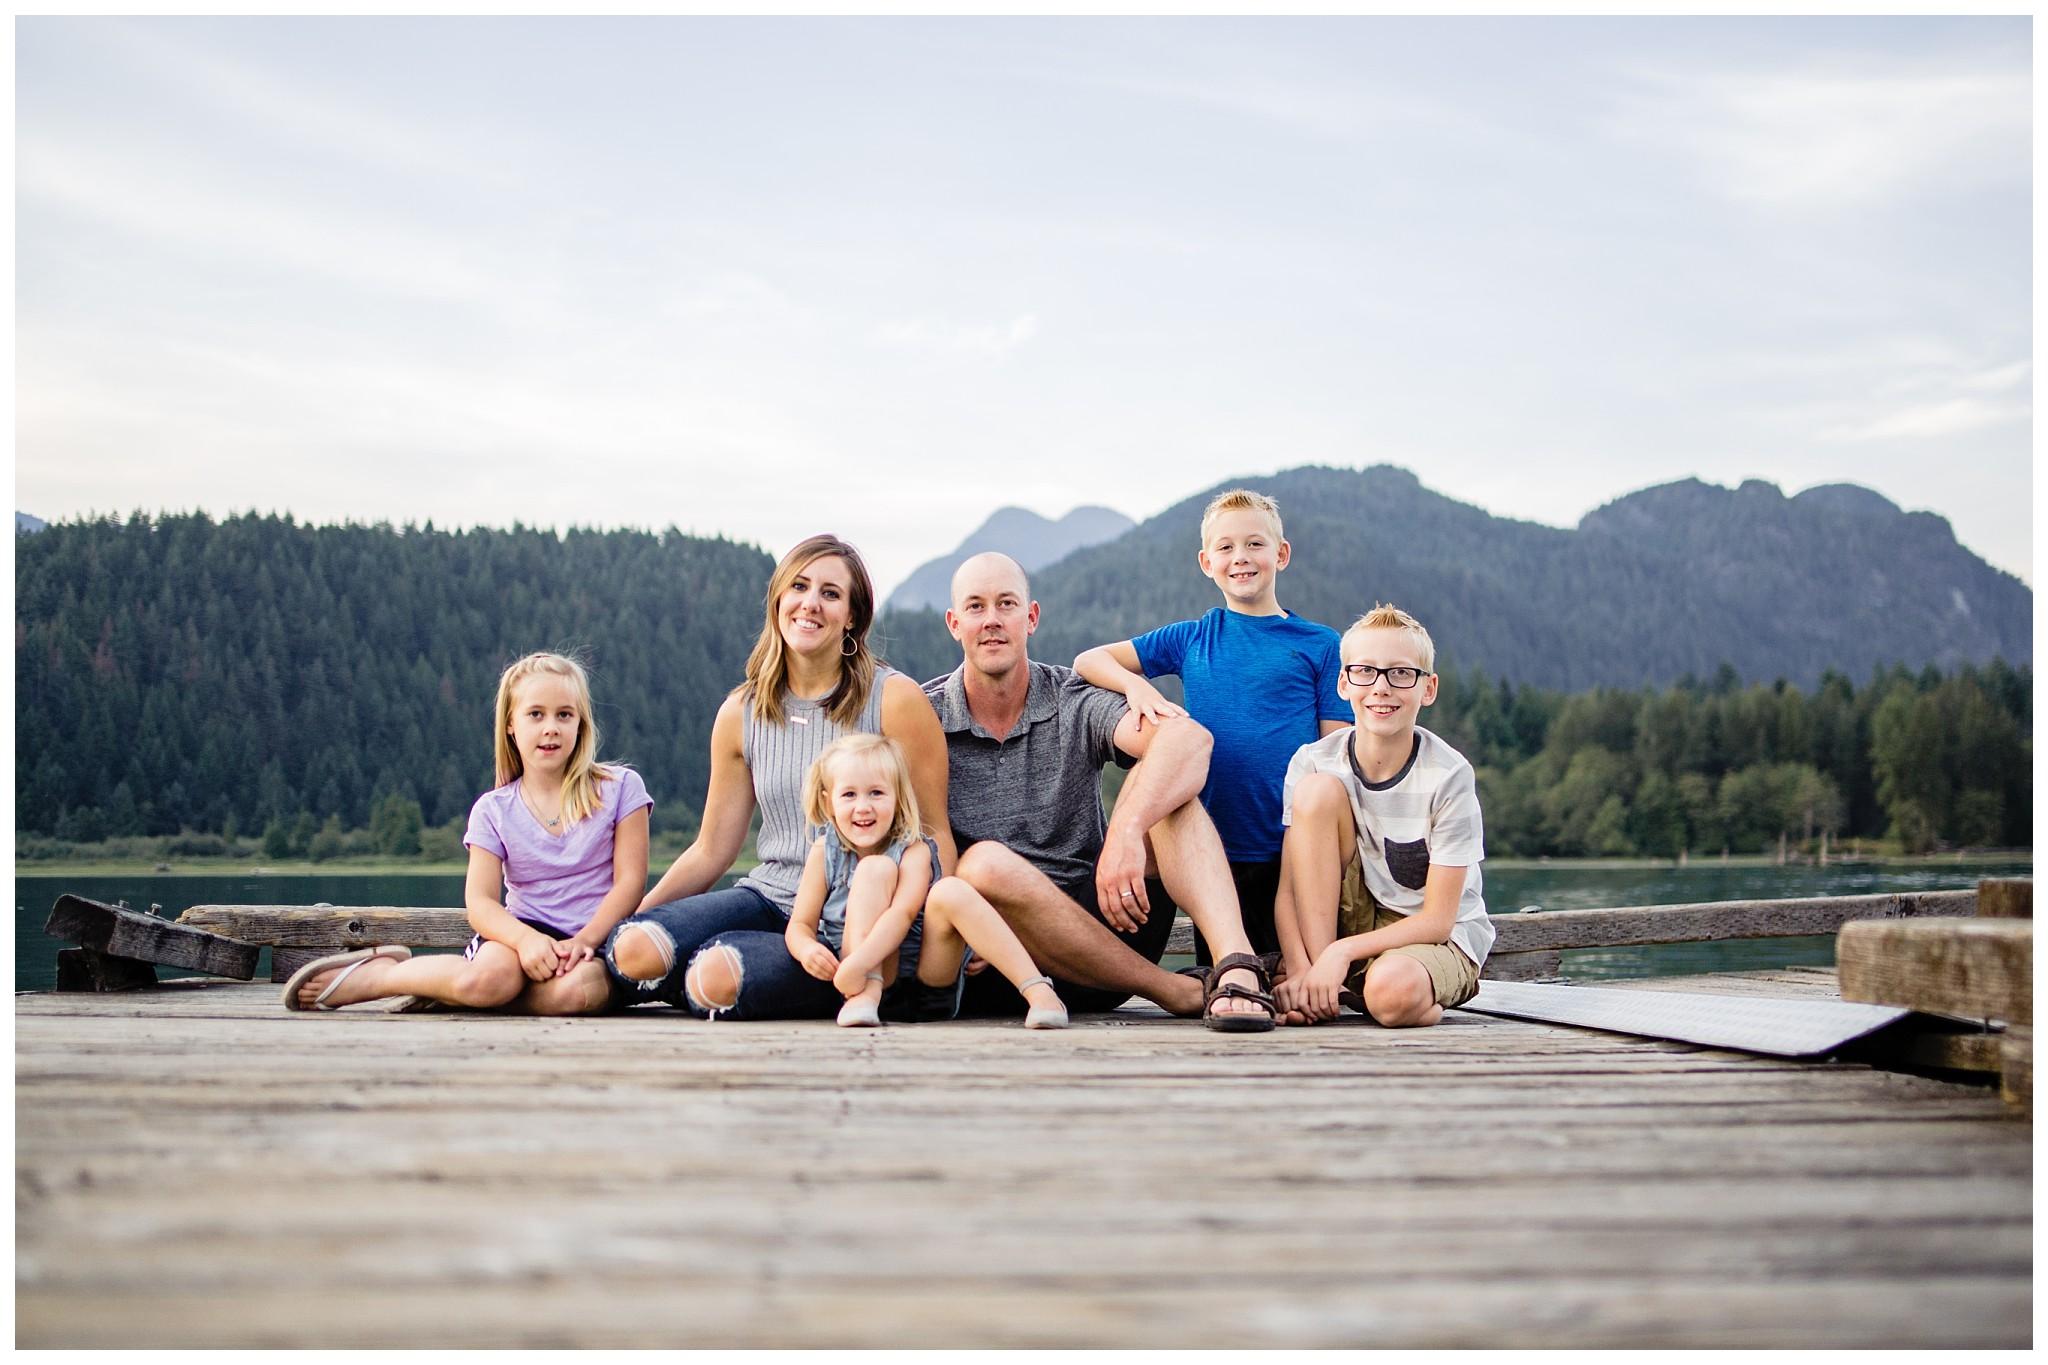 Pitt Lake Documentary Family Photographer Bubbles Mud Family of 6 Boys Girls Children_0097.jpg